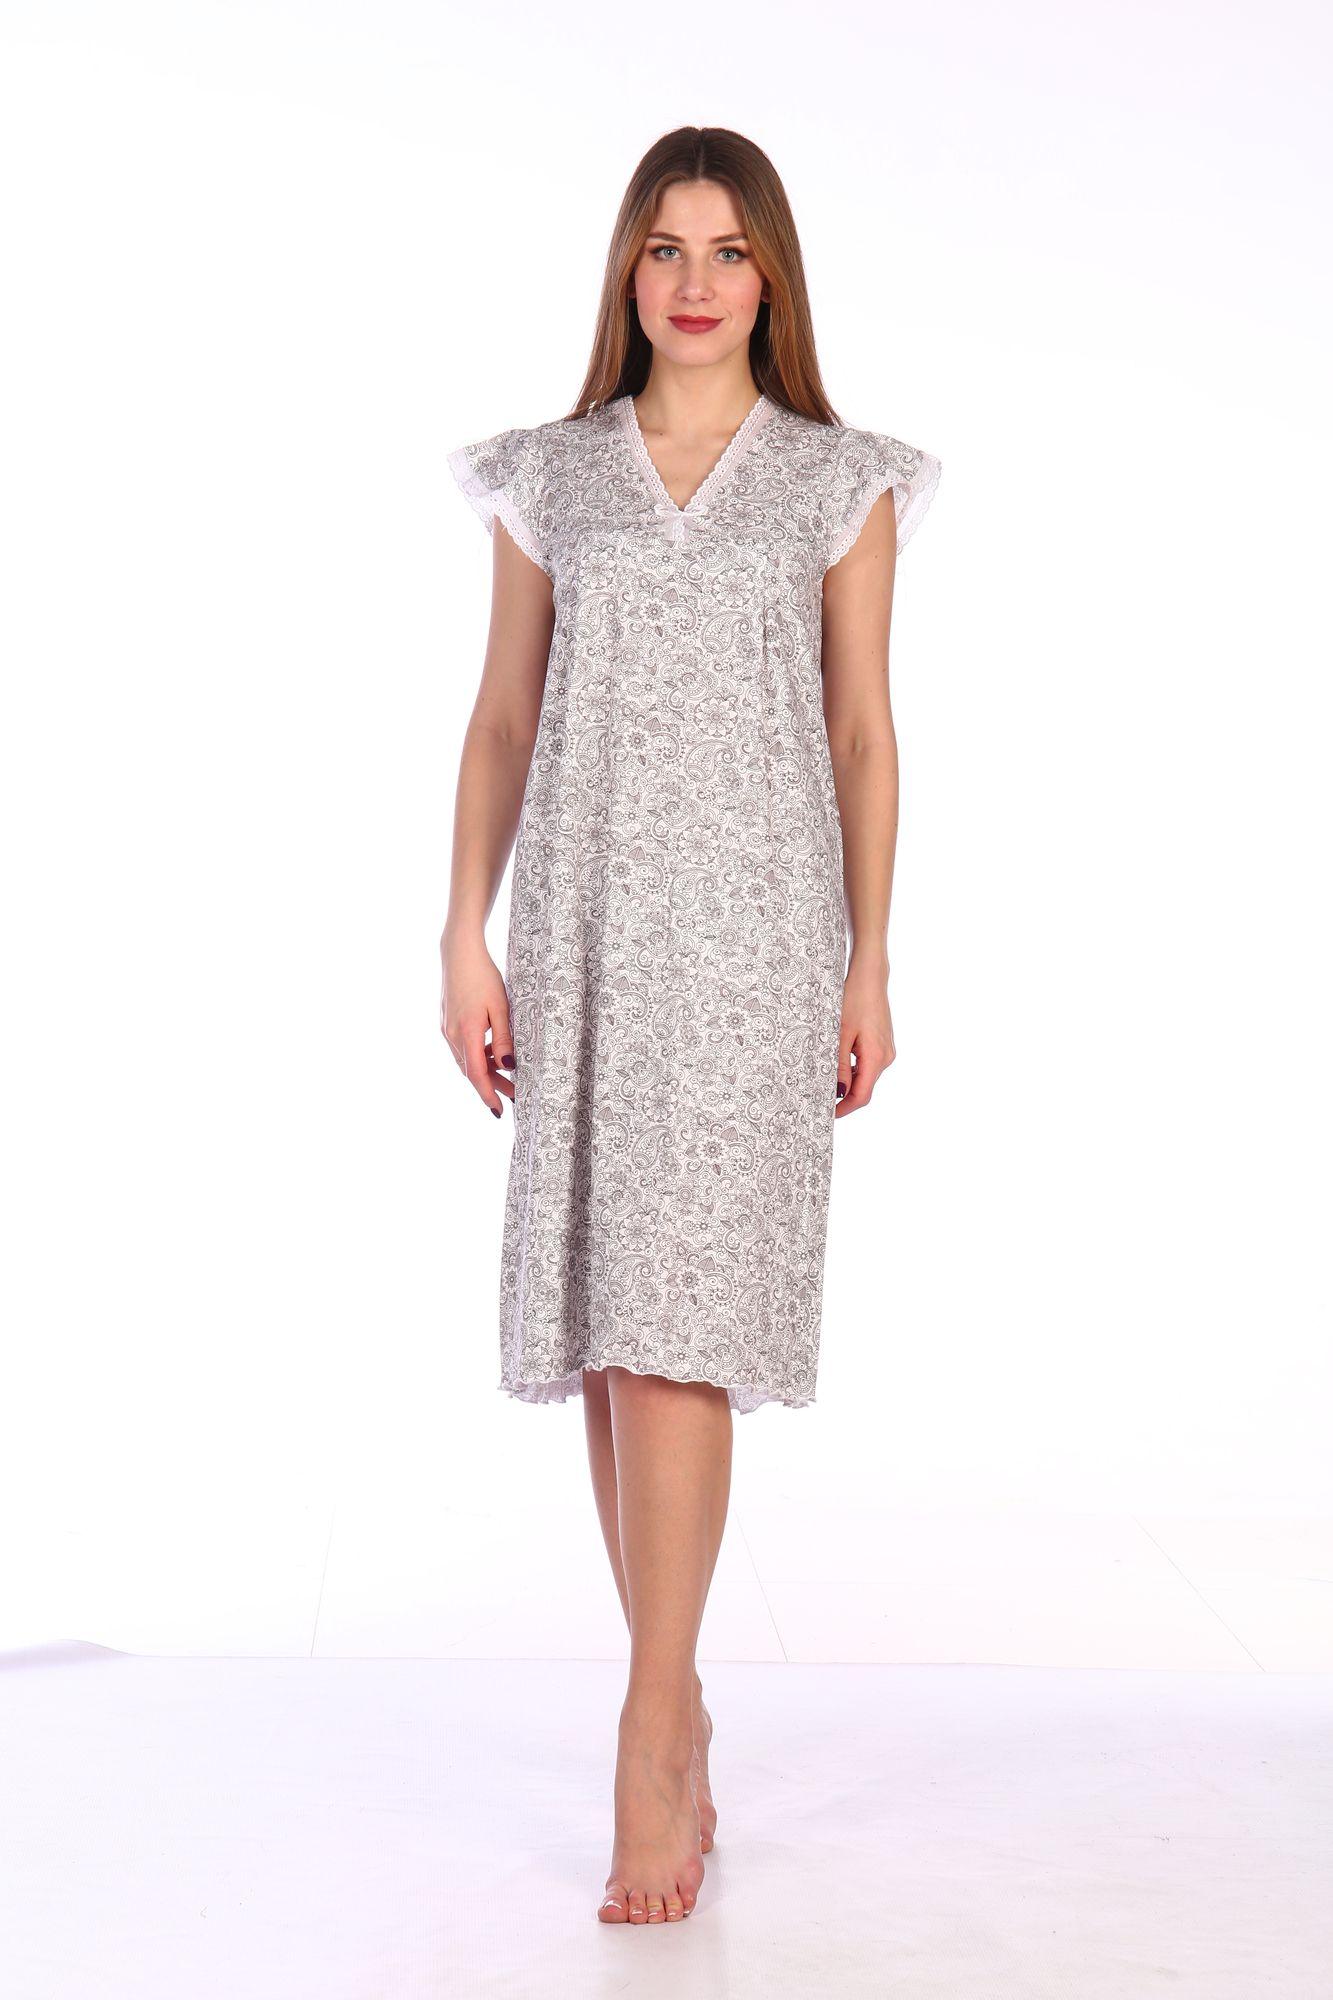 Сорочка ночная женская,мод. 427, трикотаж (Восточный мотив)